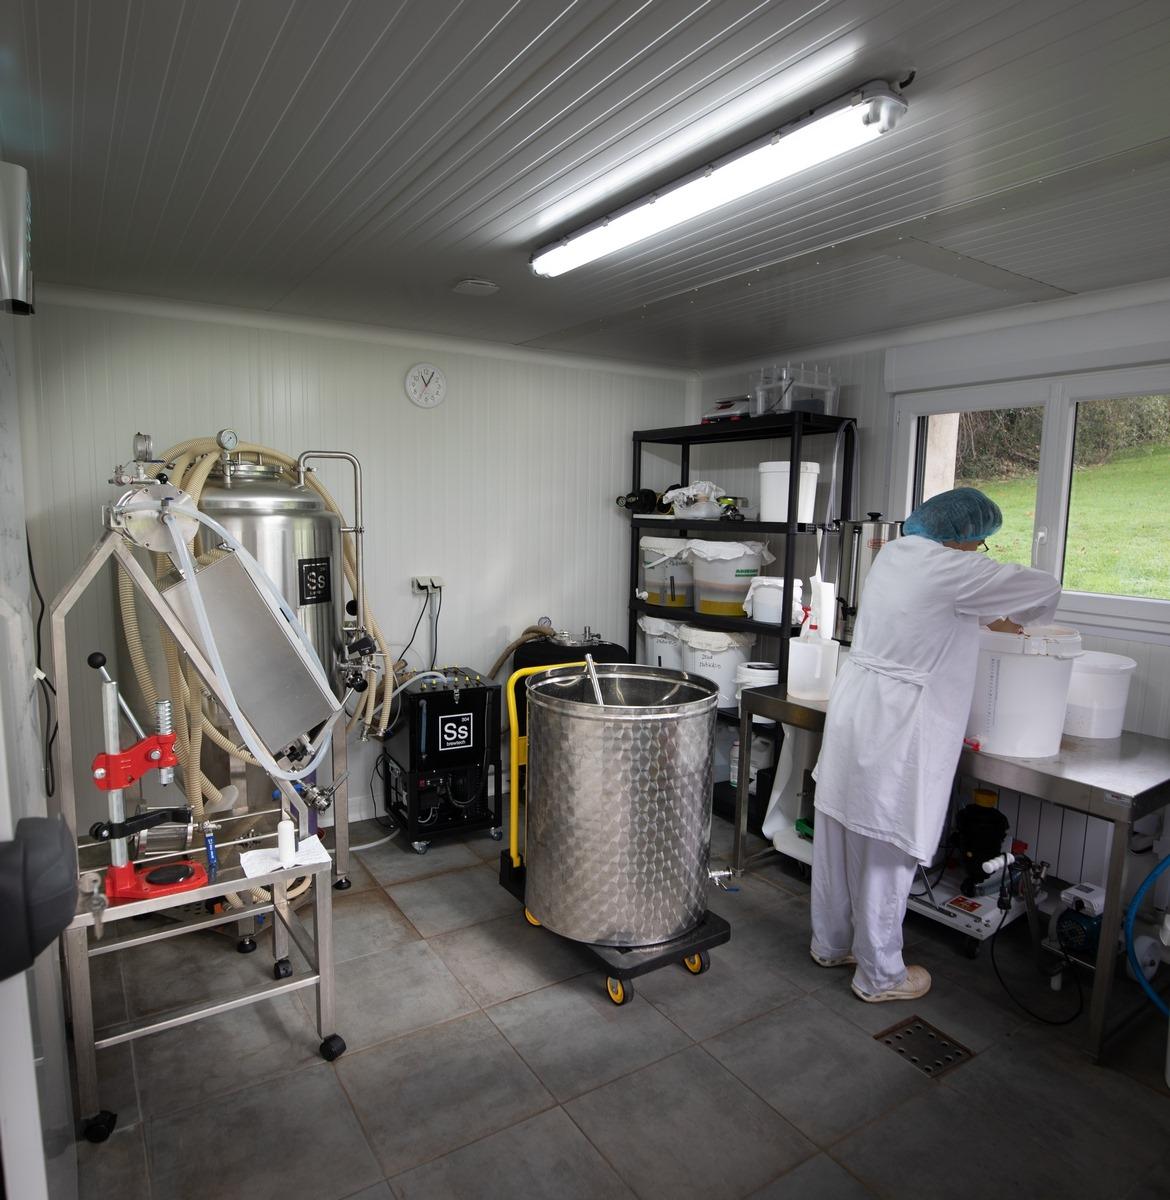 Bulles d'Opale, laboratoire Pernes-les-Boulogne, microbrasserie artisanale kombucha bio